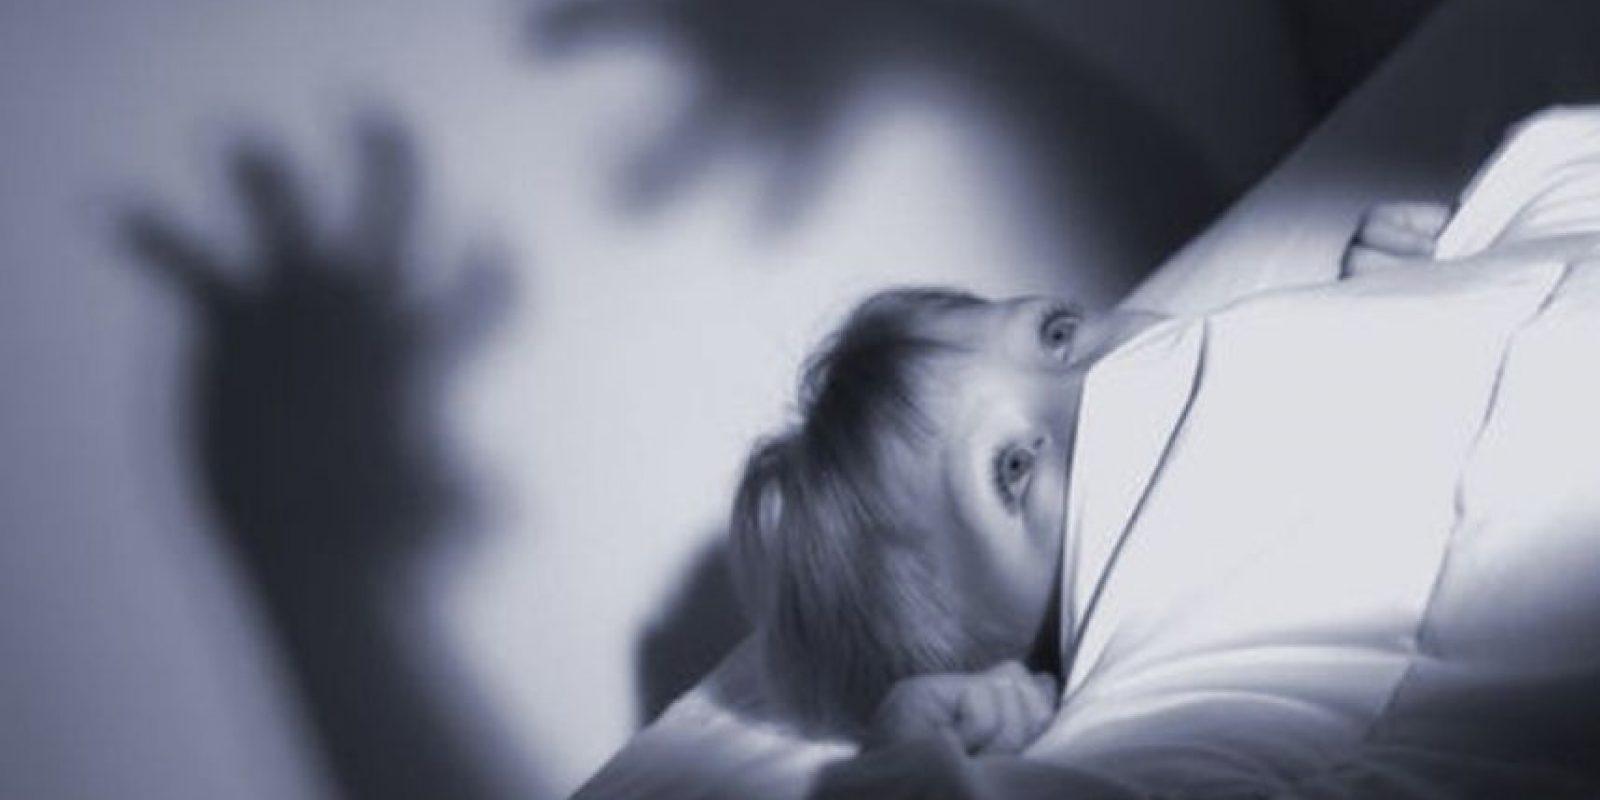 Las situaciones de estrés y los episodios traumáticos, aumentan su frecuencia y severidad. Foto:Tumblr.com/Tagged/pesadillas